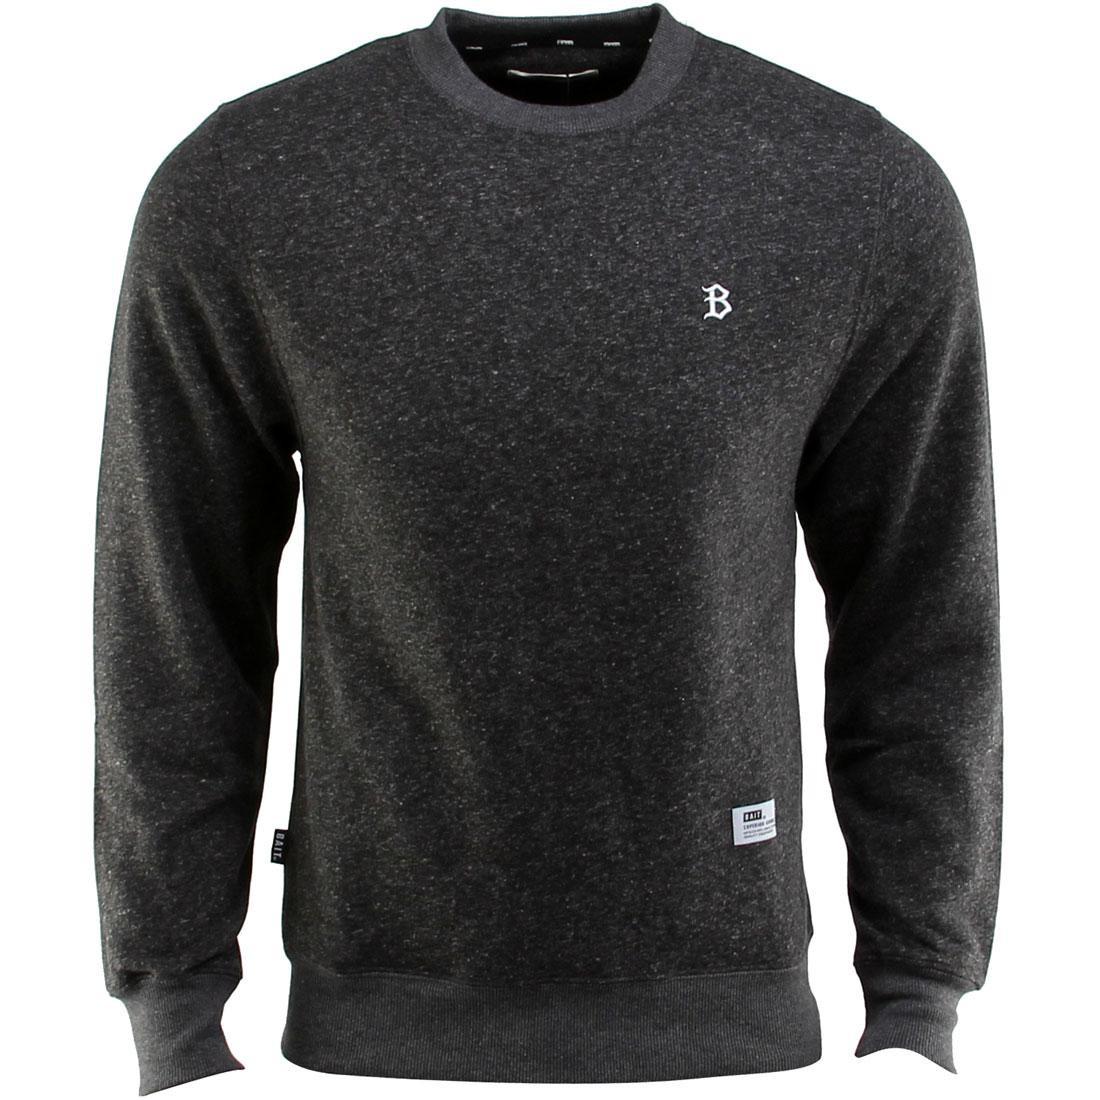 ベイト BAIT メンズファッション トップス Tシャツ カットソー メンズ 【 B Letter Invisible Pockets Fitted Crewneck (black) 】 Black